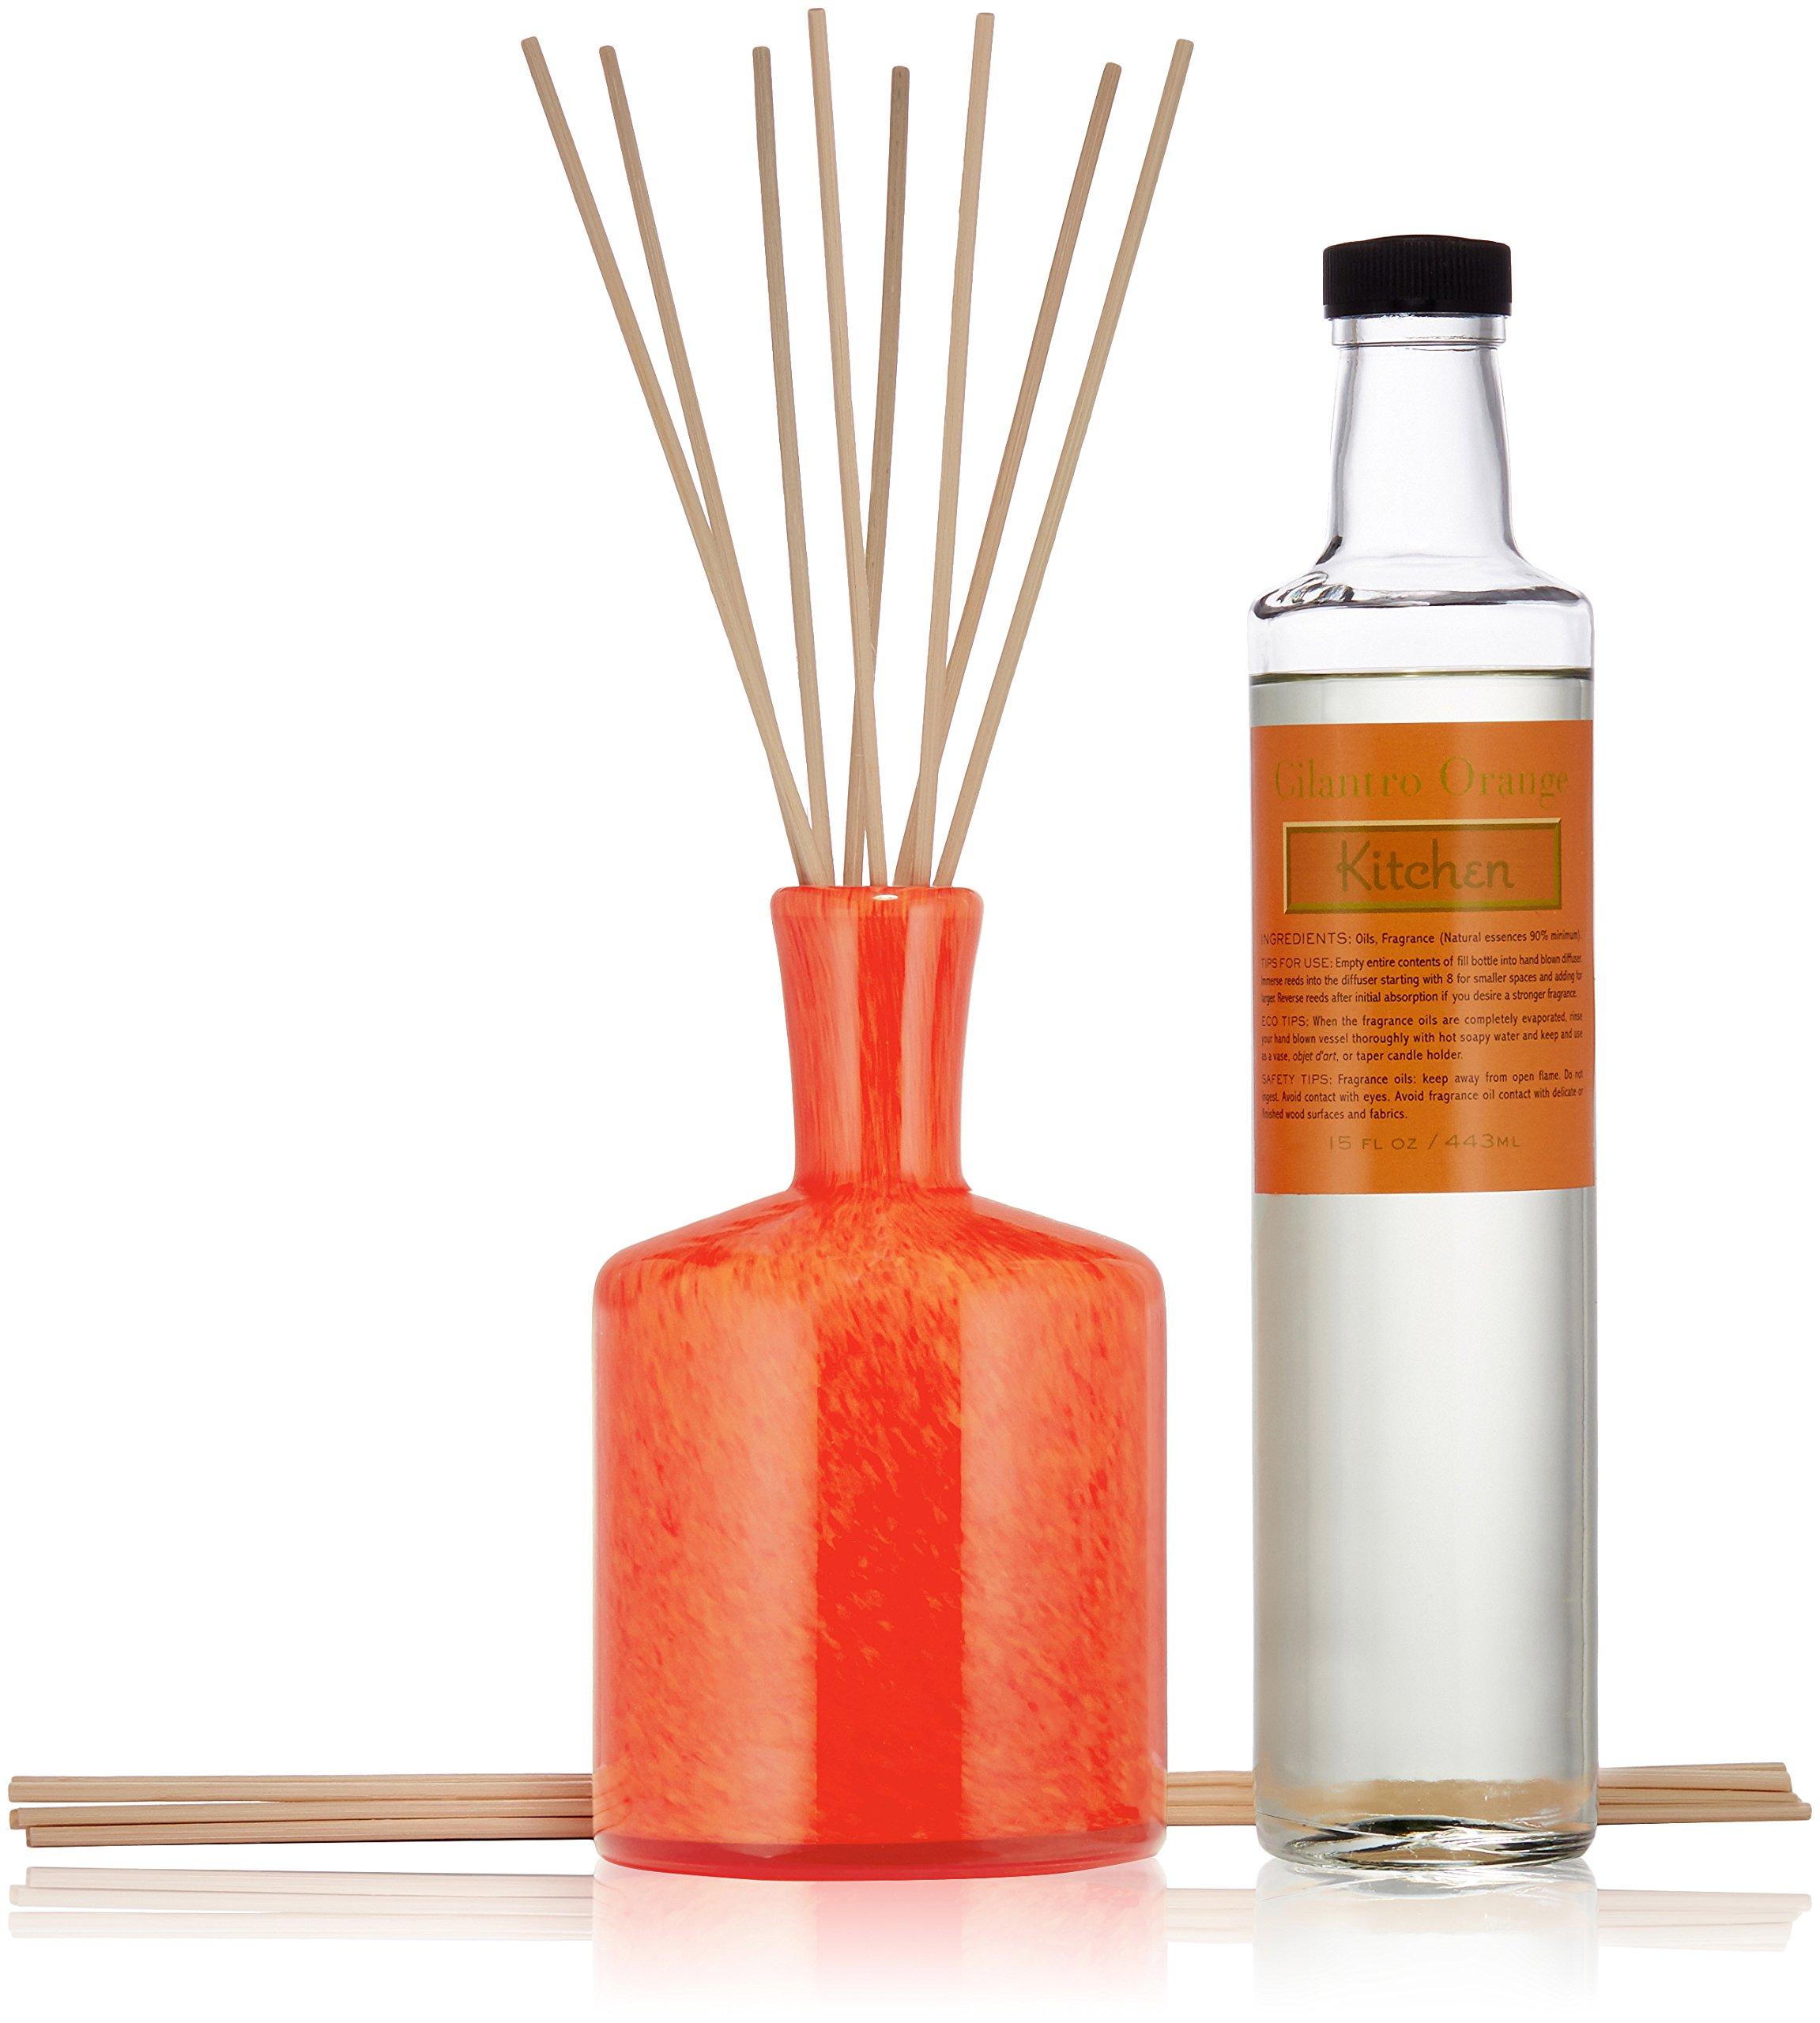 LAFCO House & Home Diffuser, Kitchen Cilantro Orange, 15 Fl Oz